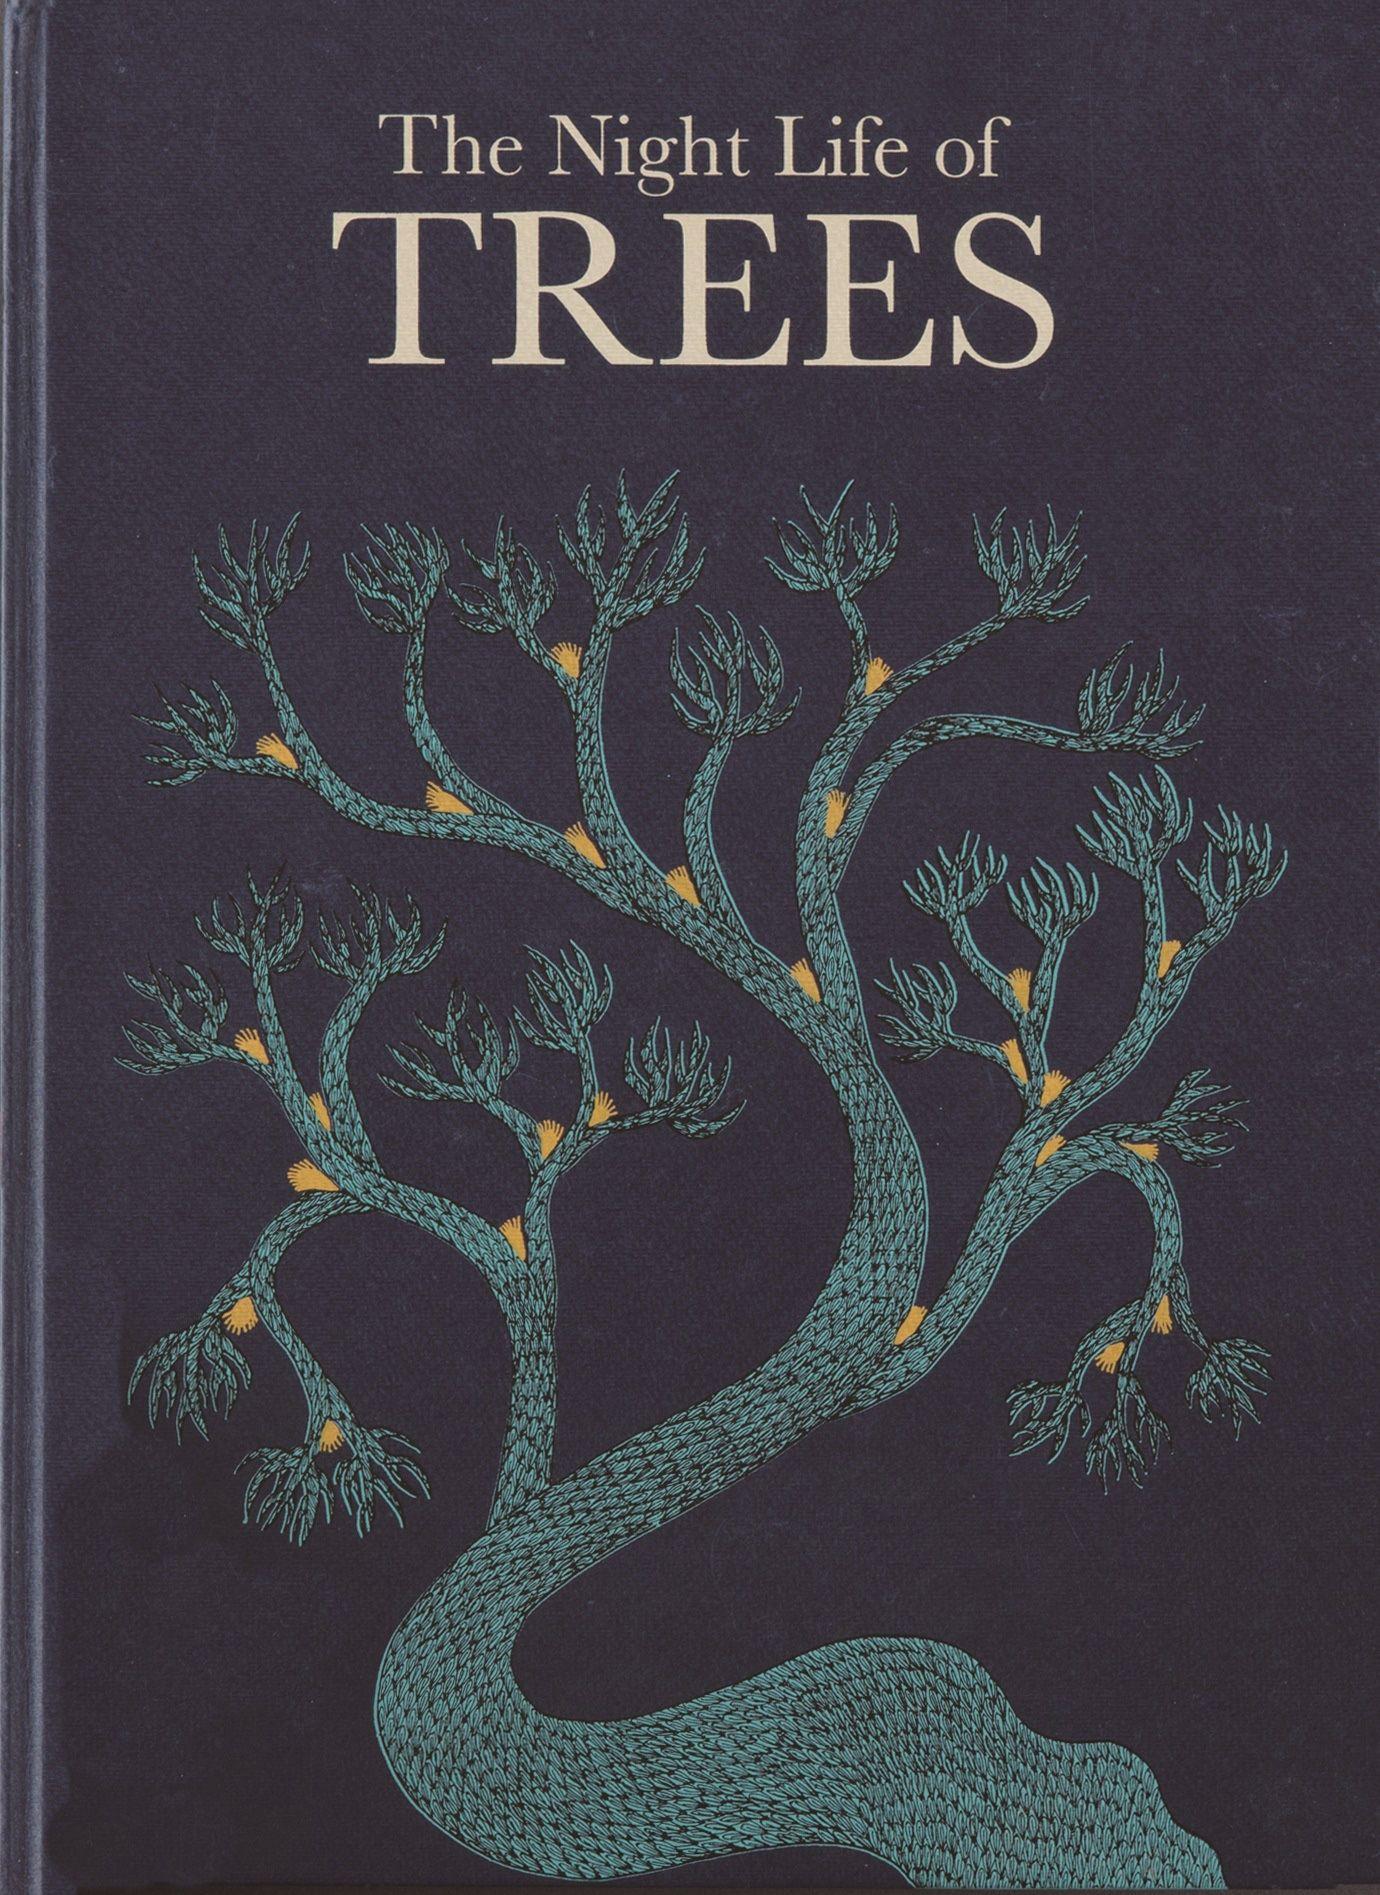 『夜の木』The Night Life of Trees/2006